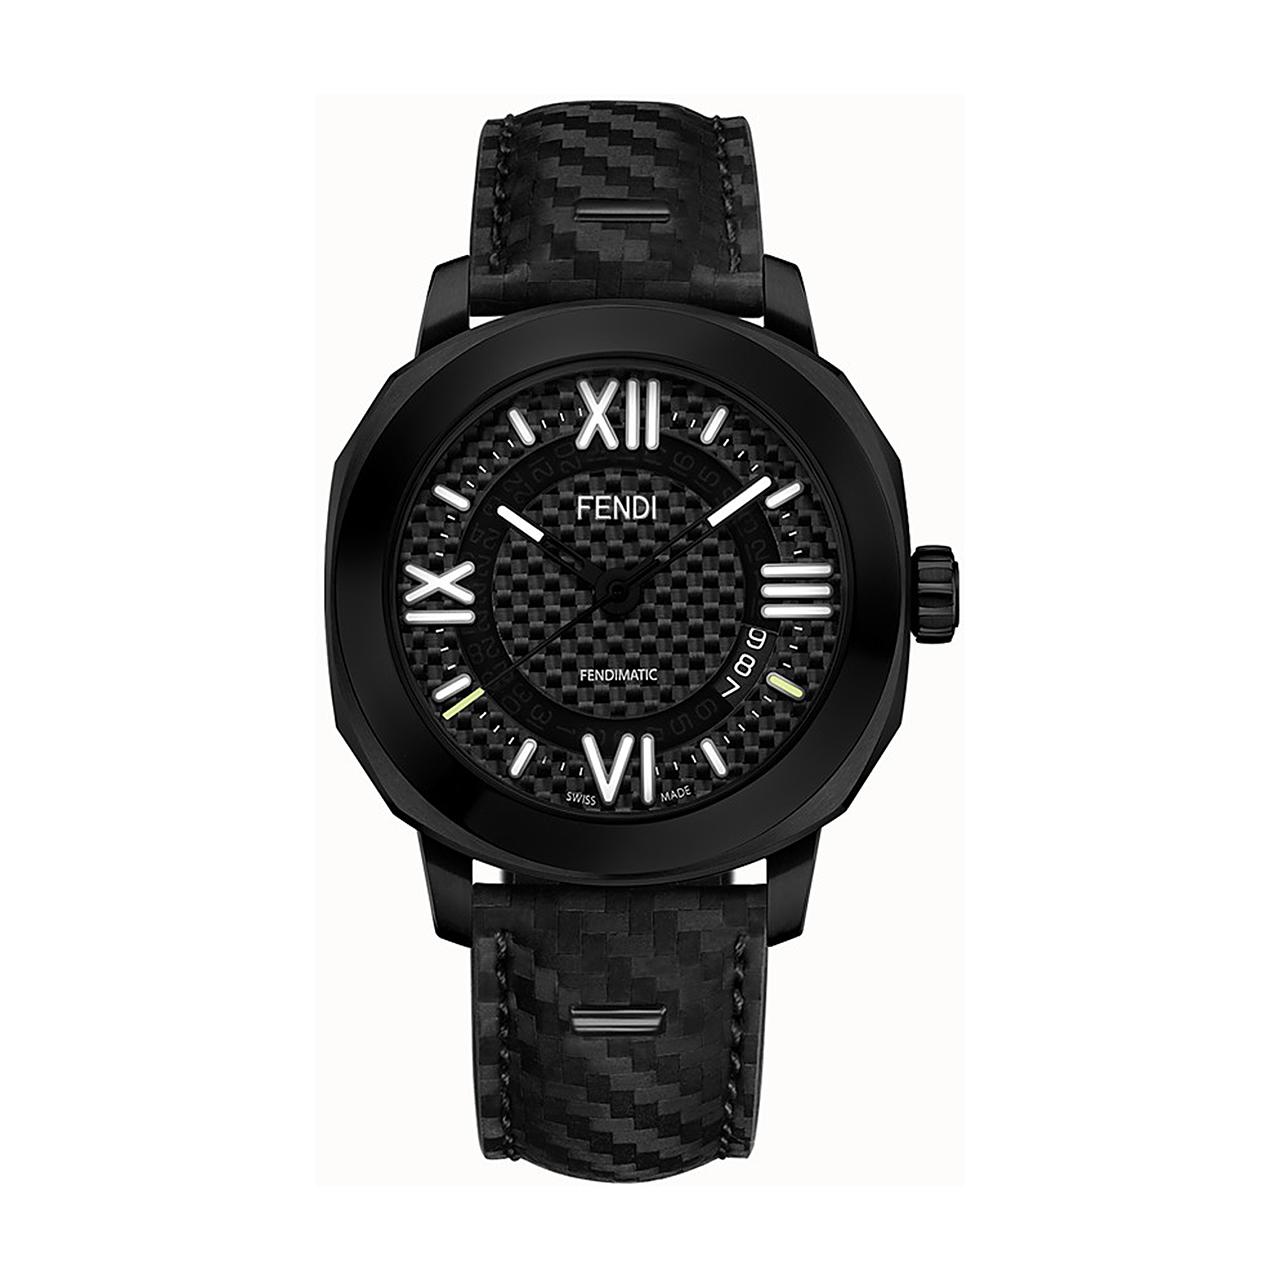 ساعت مچی عقربه ای مردانه فندی مدل F820011111 3